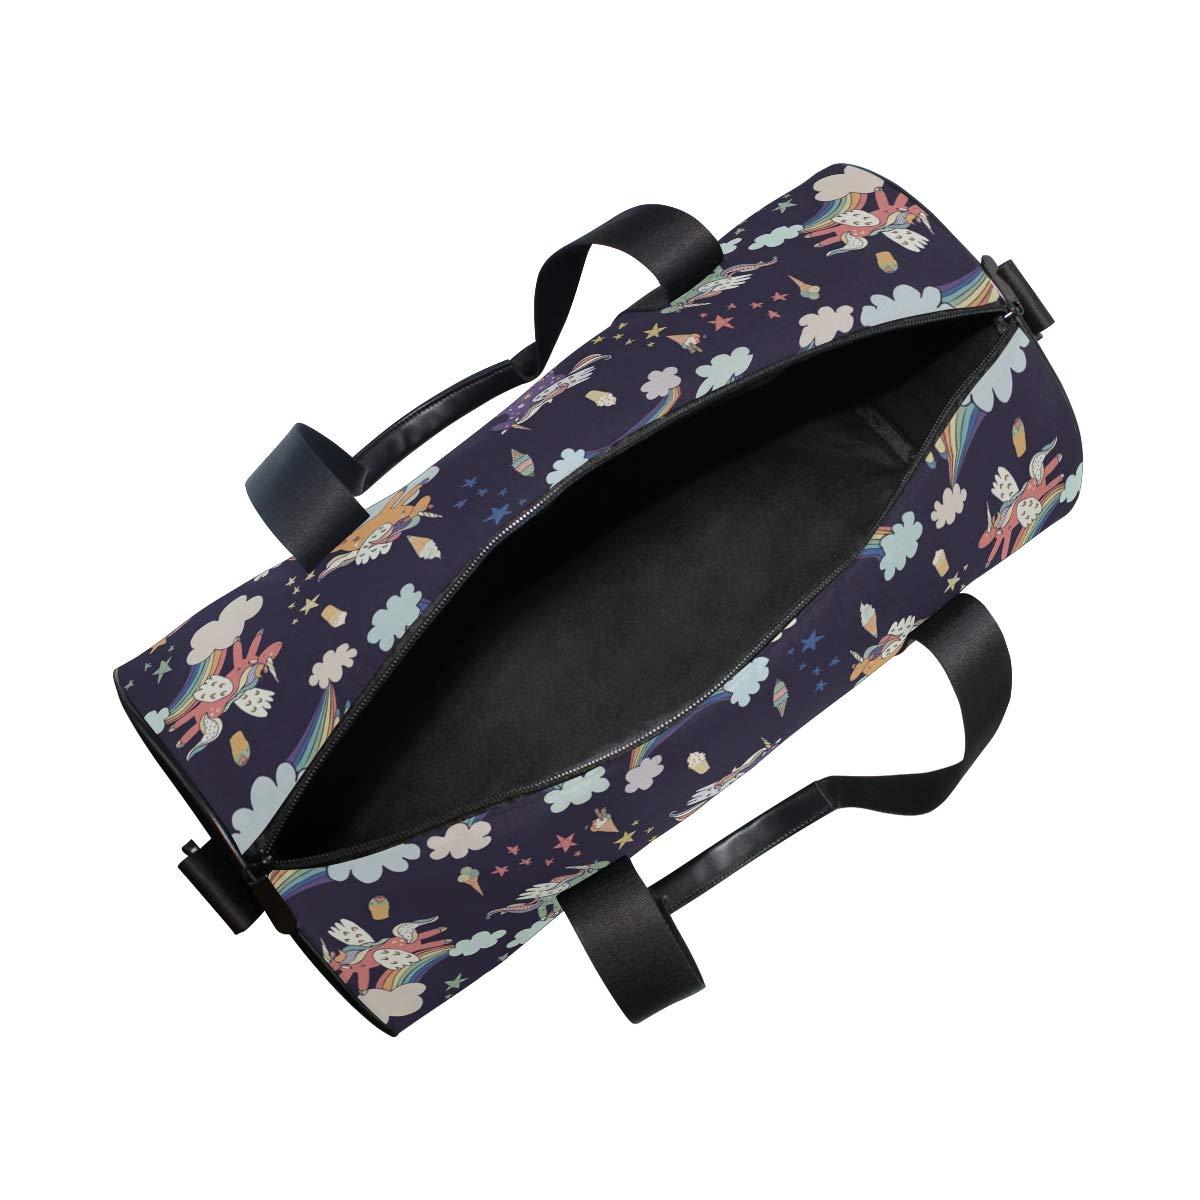 WIHVE Gym Duffel Bag Unicorn Rainbow Cloud Sports Lightweight Canvas Travel Luggage Bag